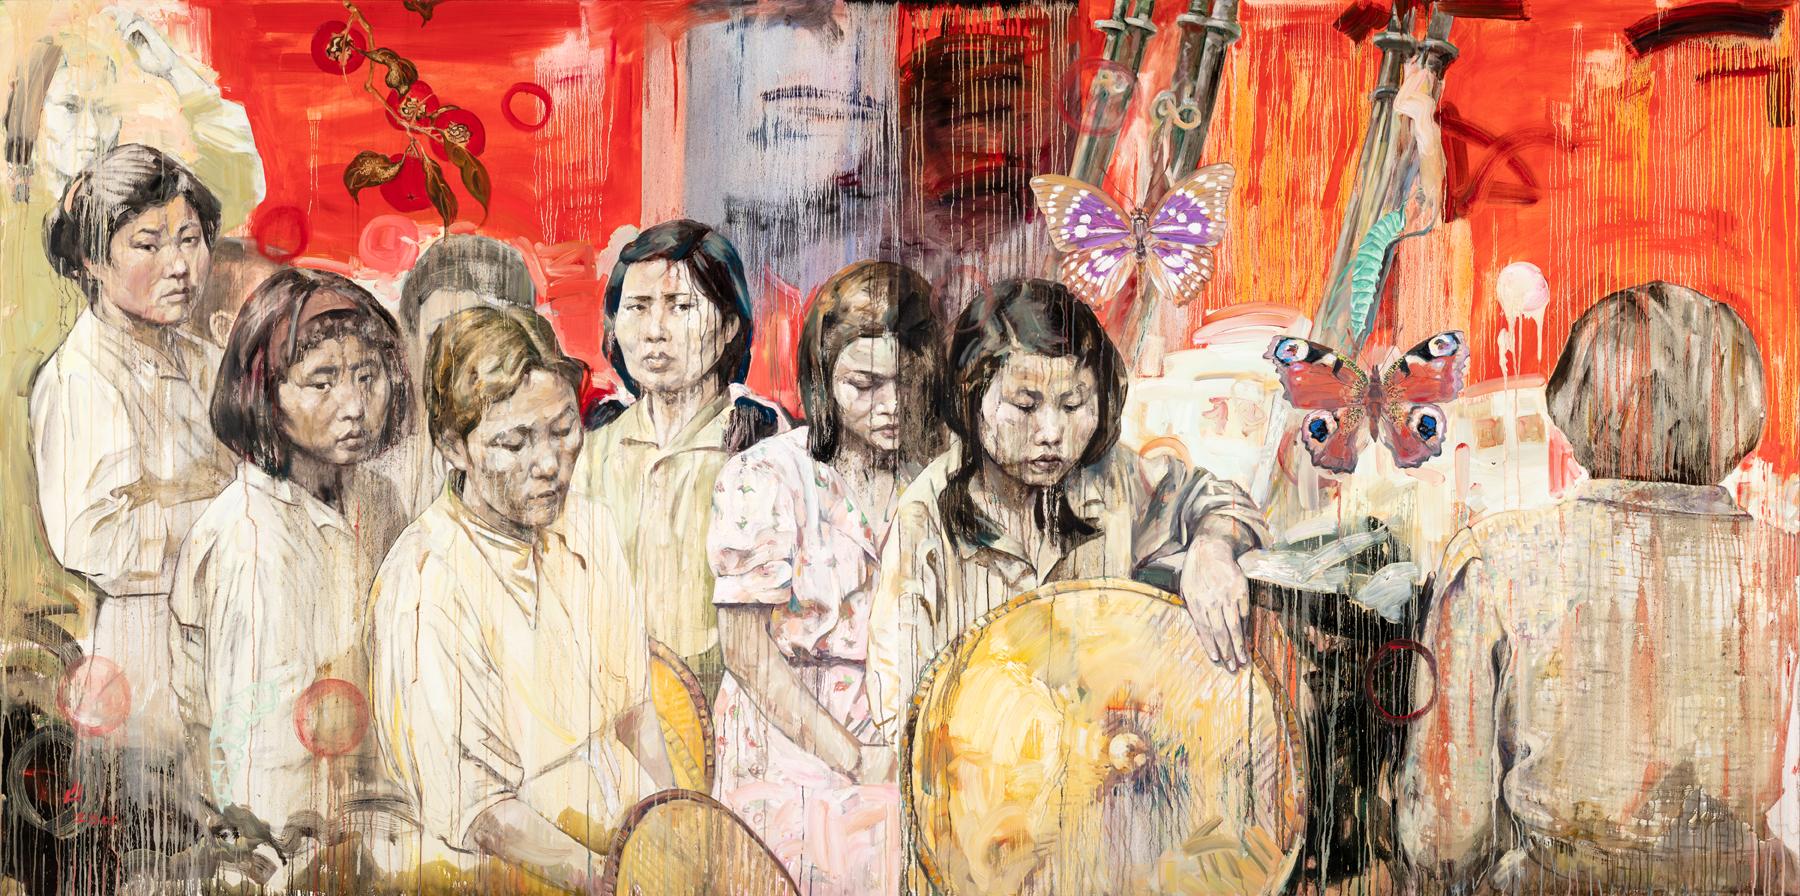 Strange Fruit: Comfort Women, 2001, by Hung Liu